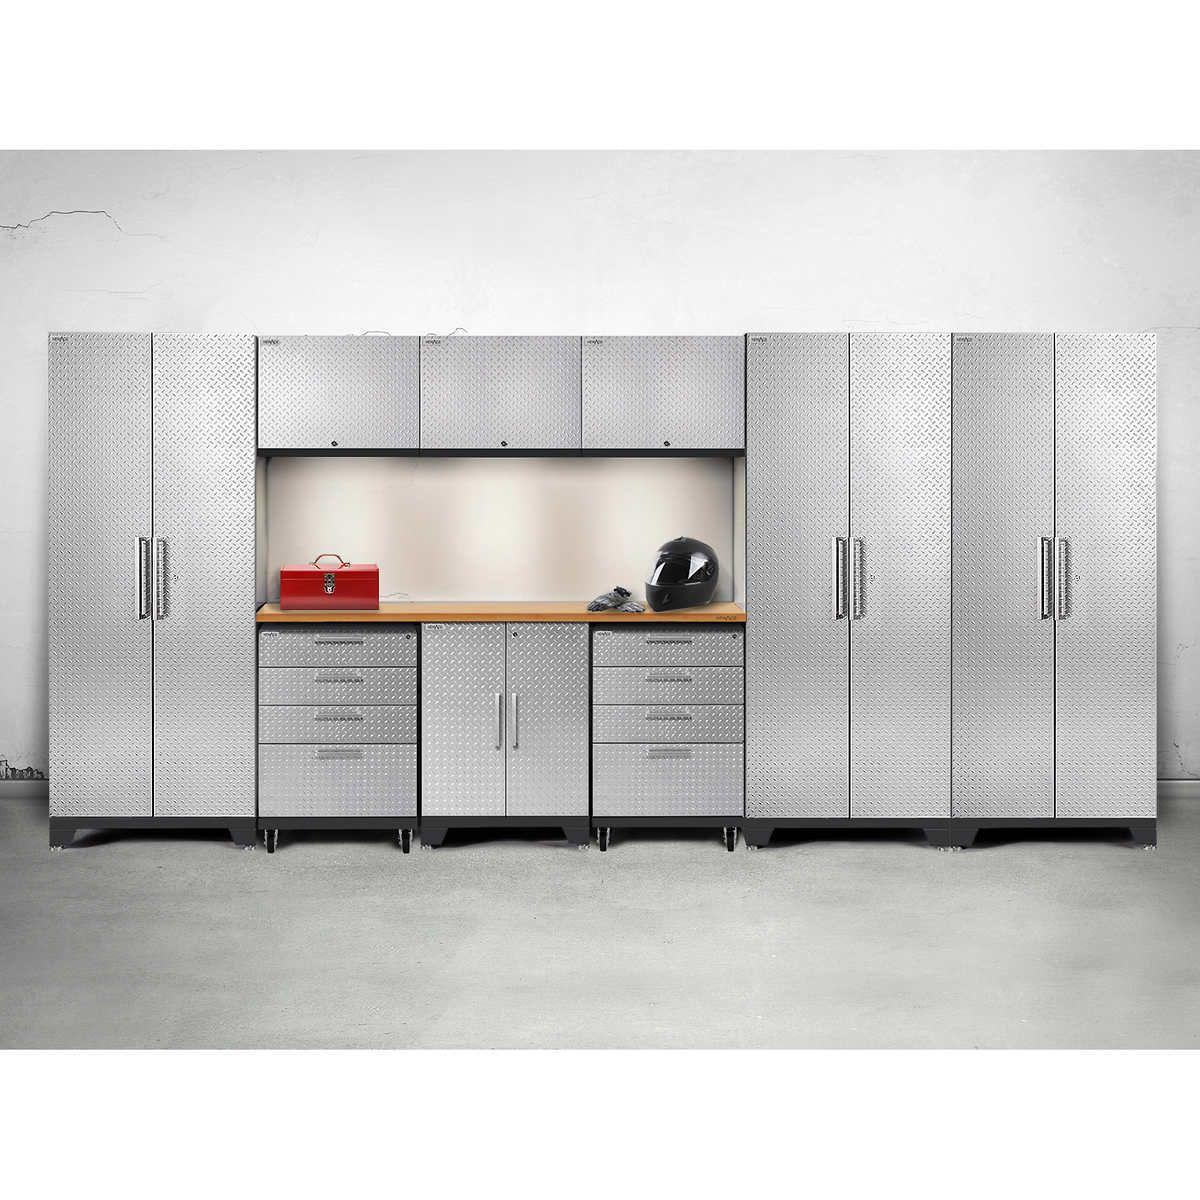 10-Piece Warehouse Steel Cabinet Set Workshop Garage ...